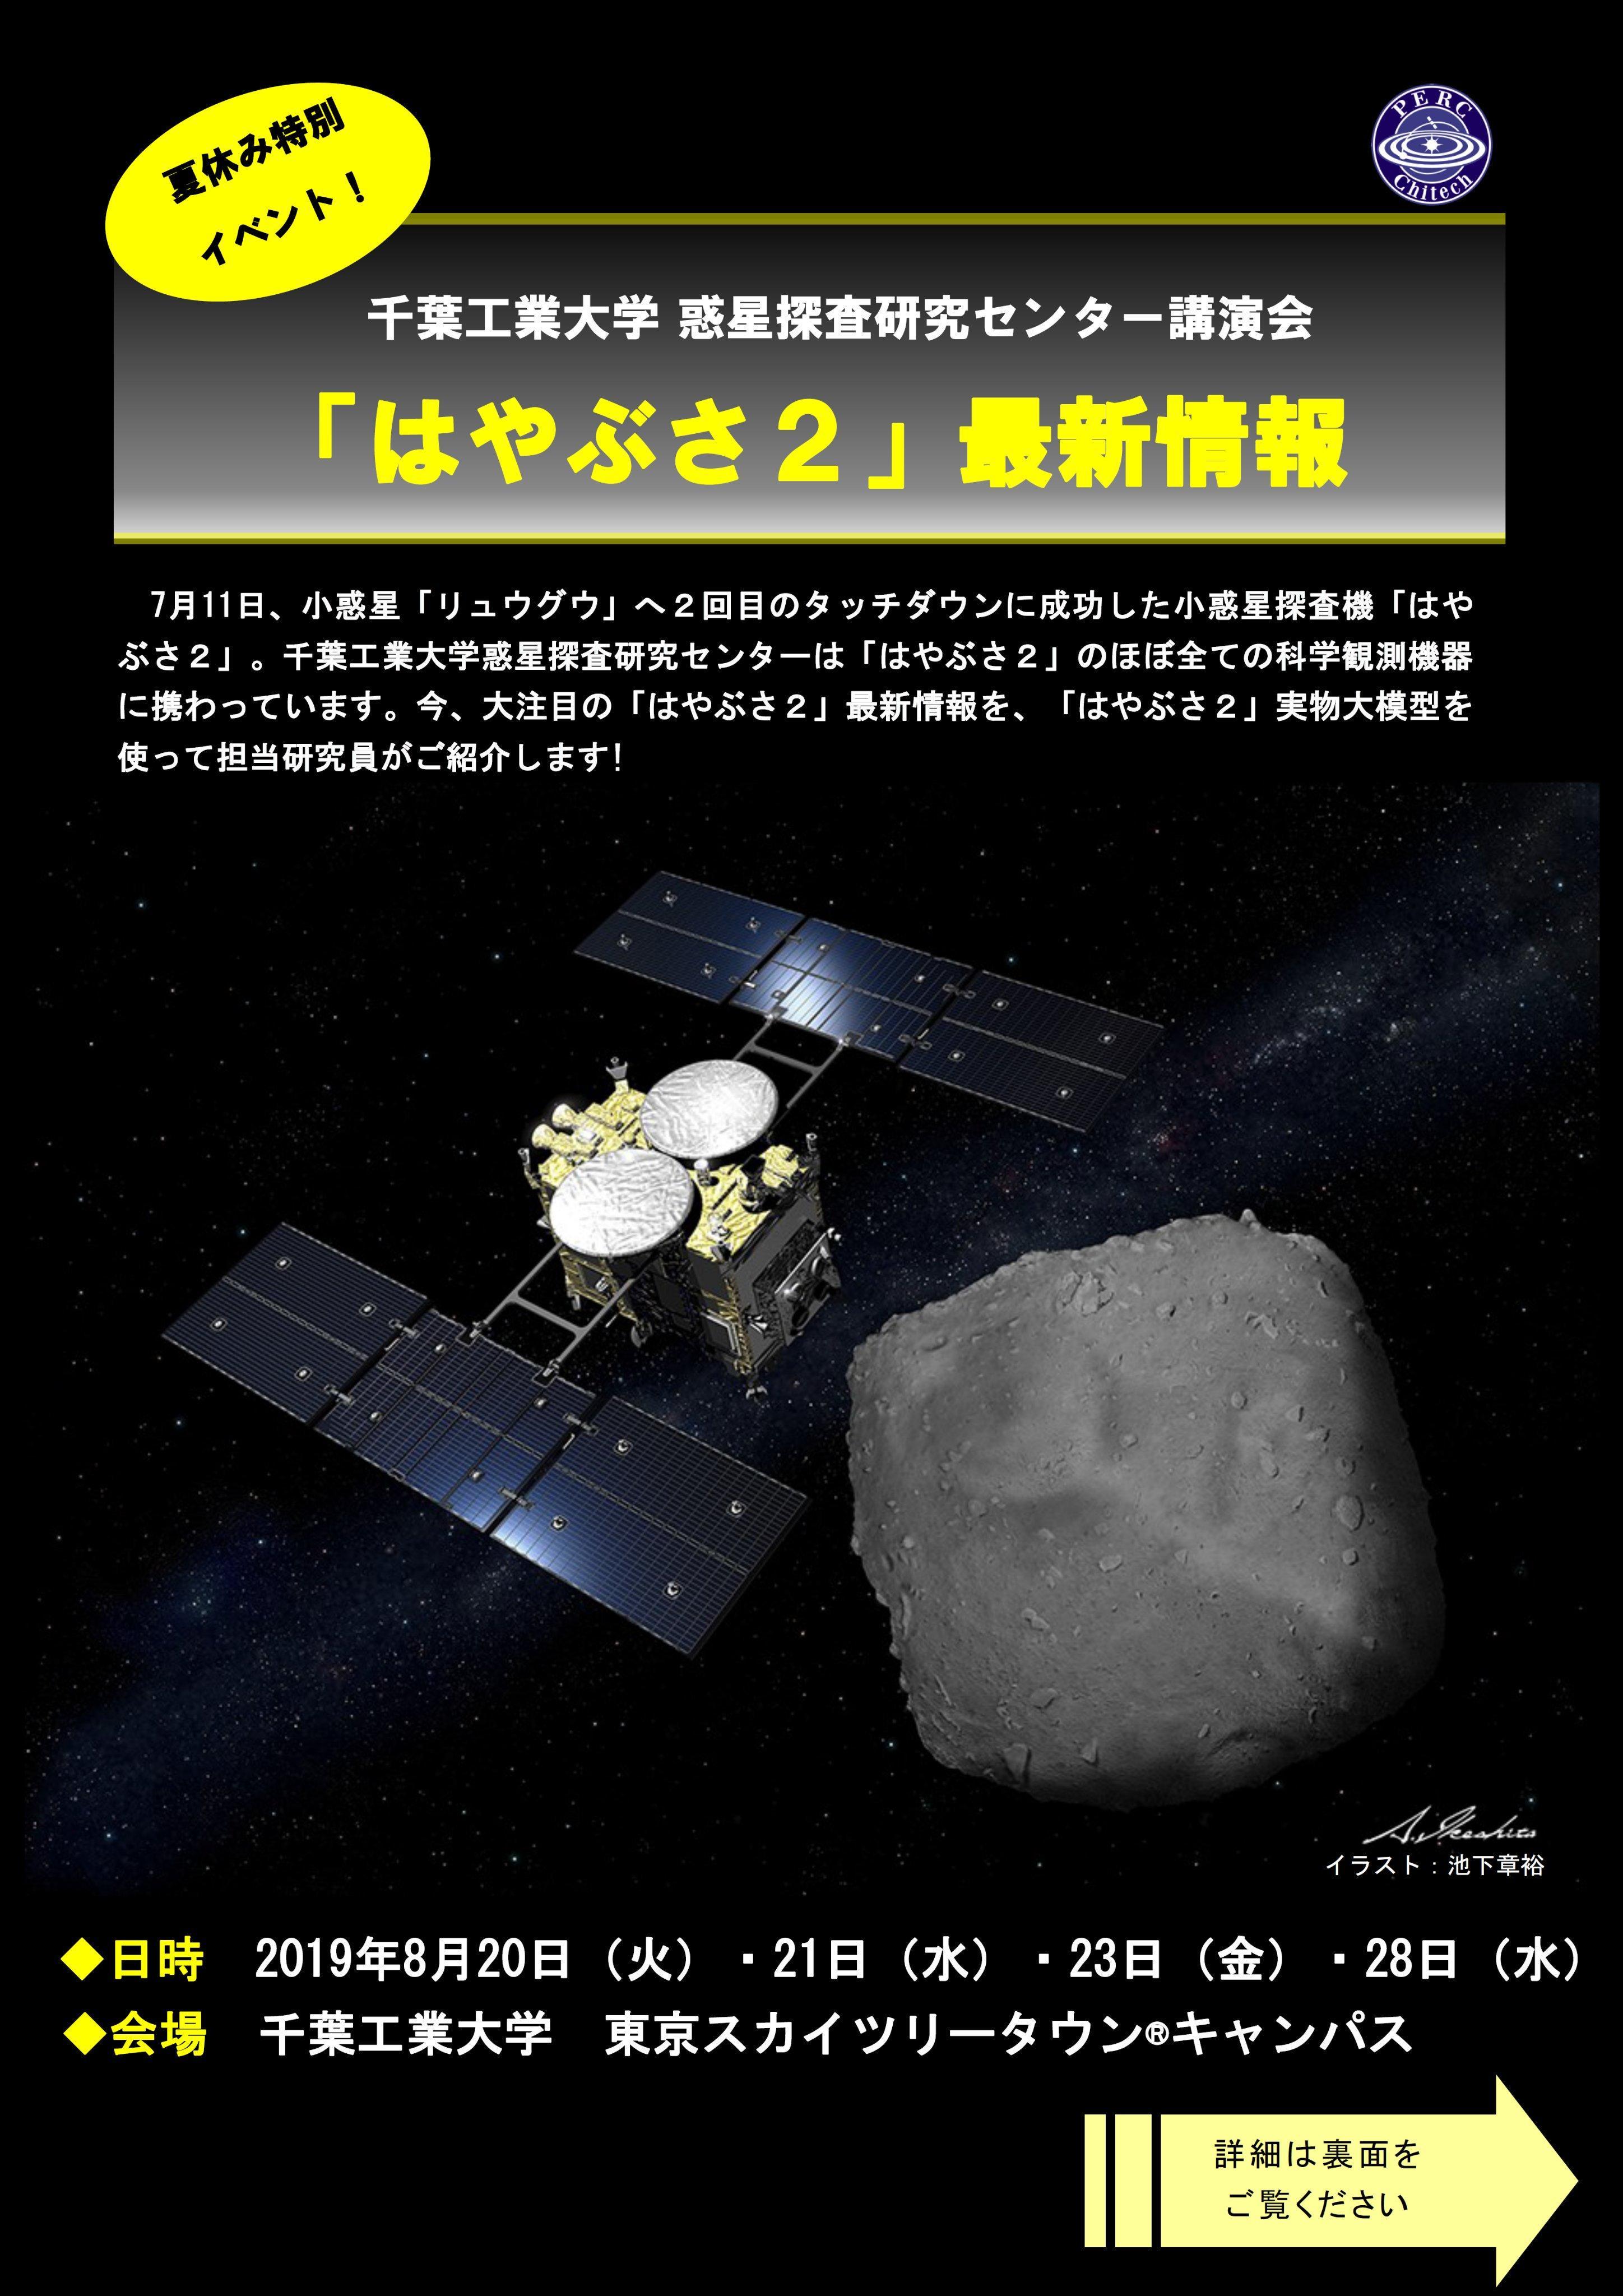 千葉工業大学 夏休み特別イベント 惑星探査研究センター講演会【「はやぶさ2」最新情報!】を開催します